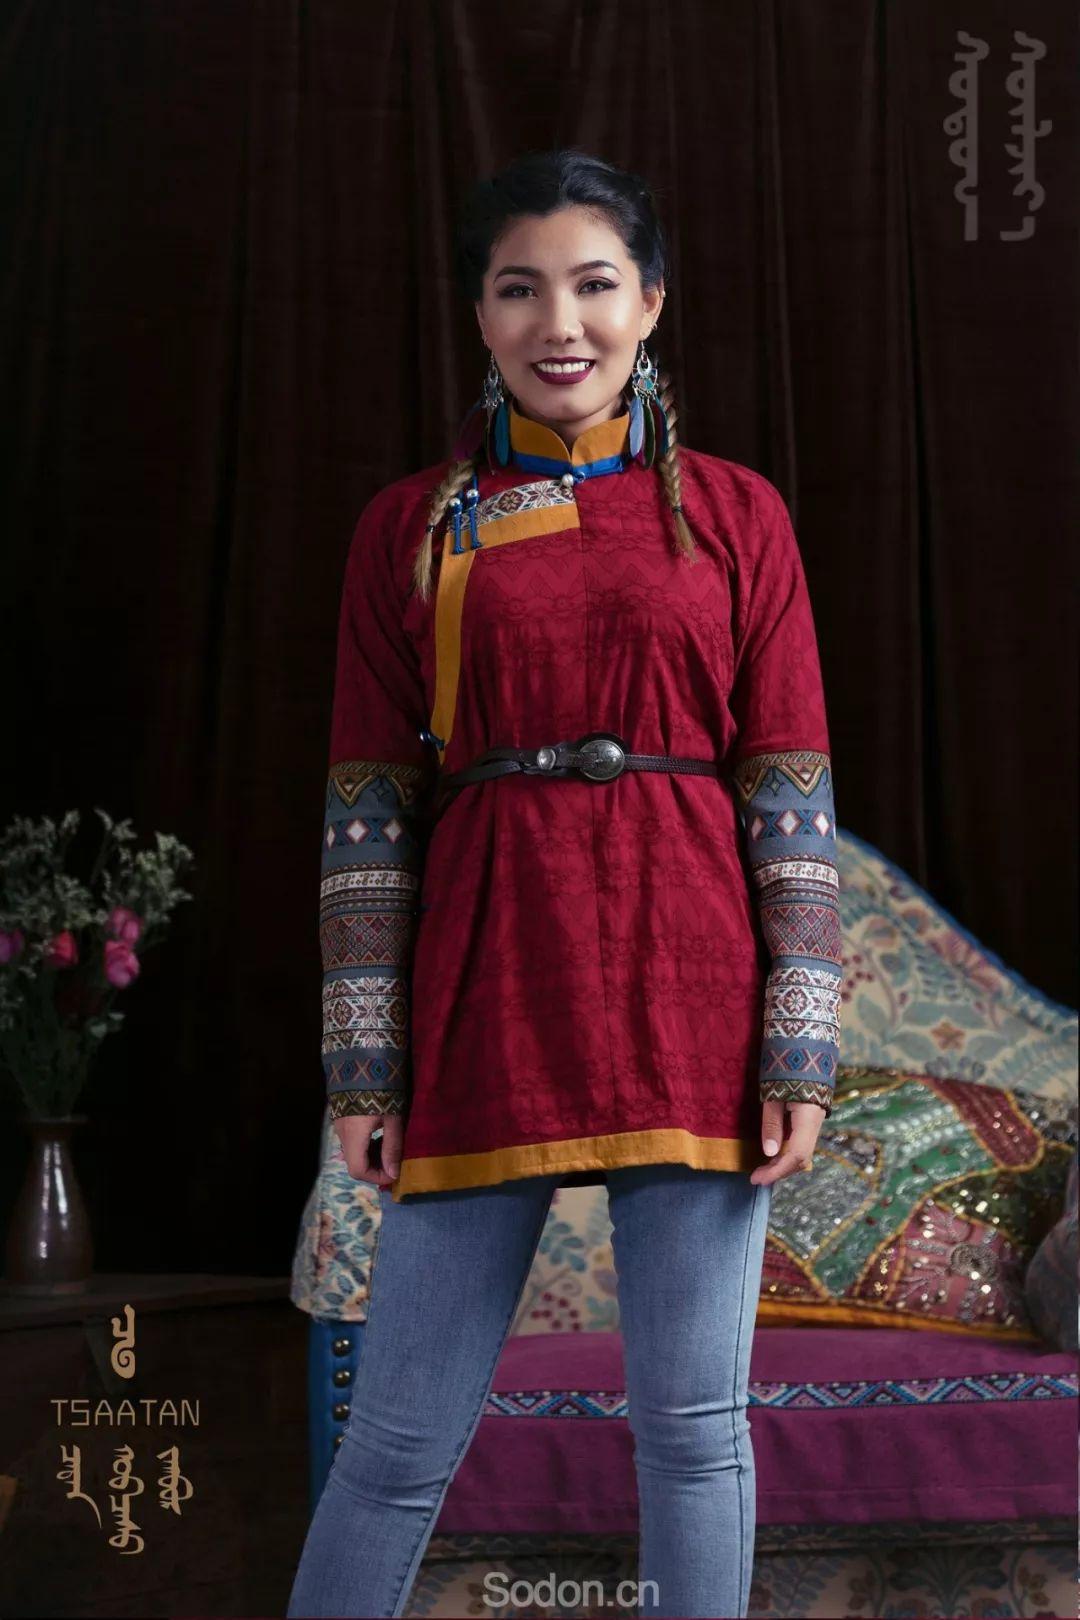 TSAATAN蒙古时装 2019新款,来自驯鹿人的独特魅力! 第65张